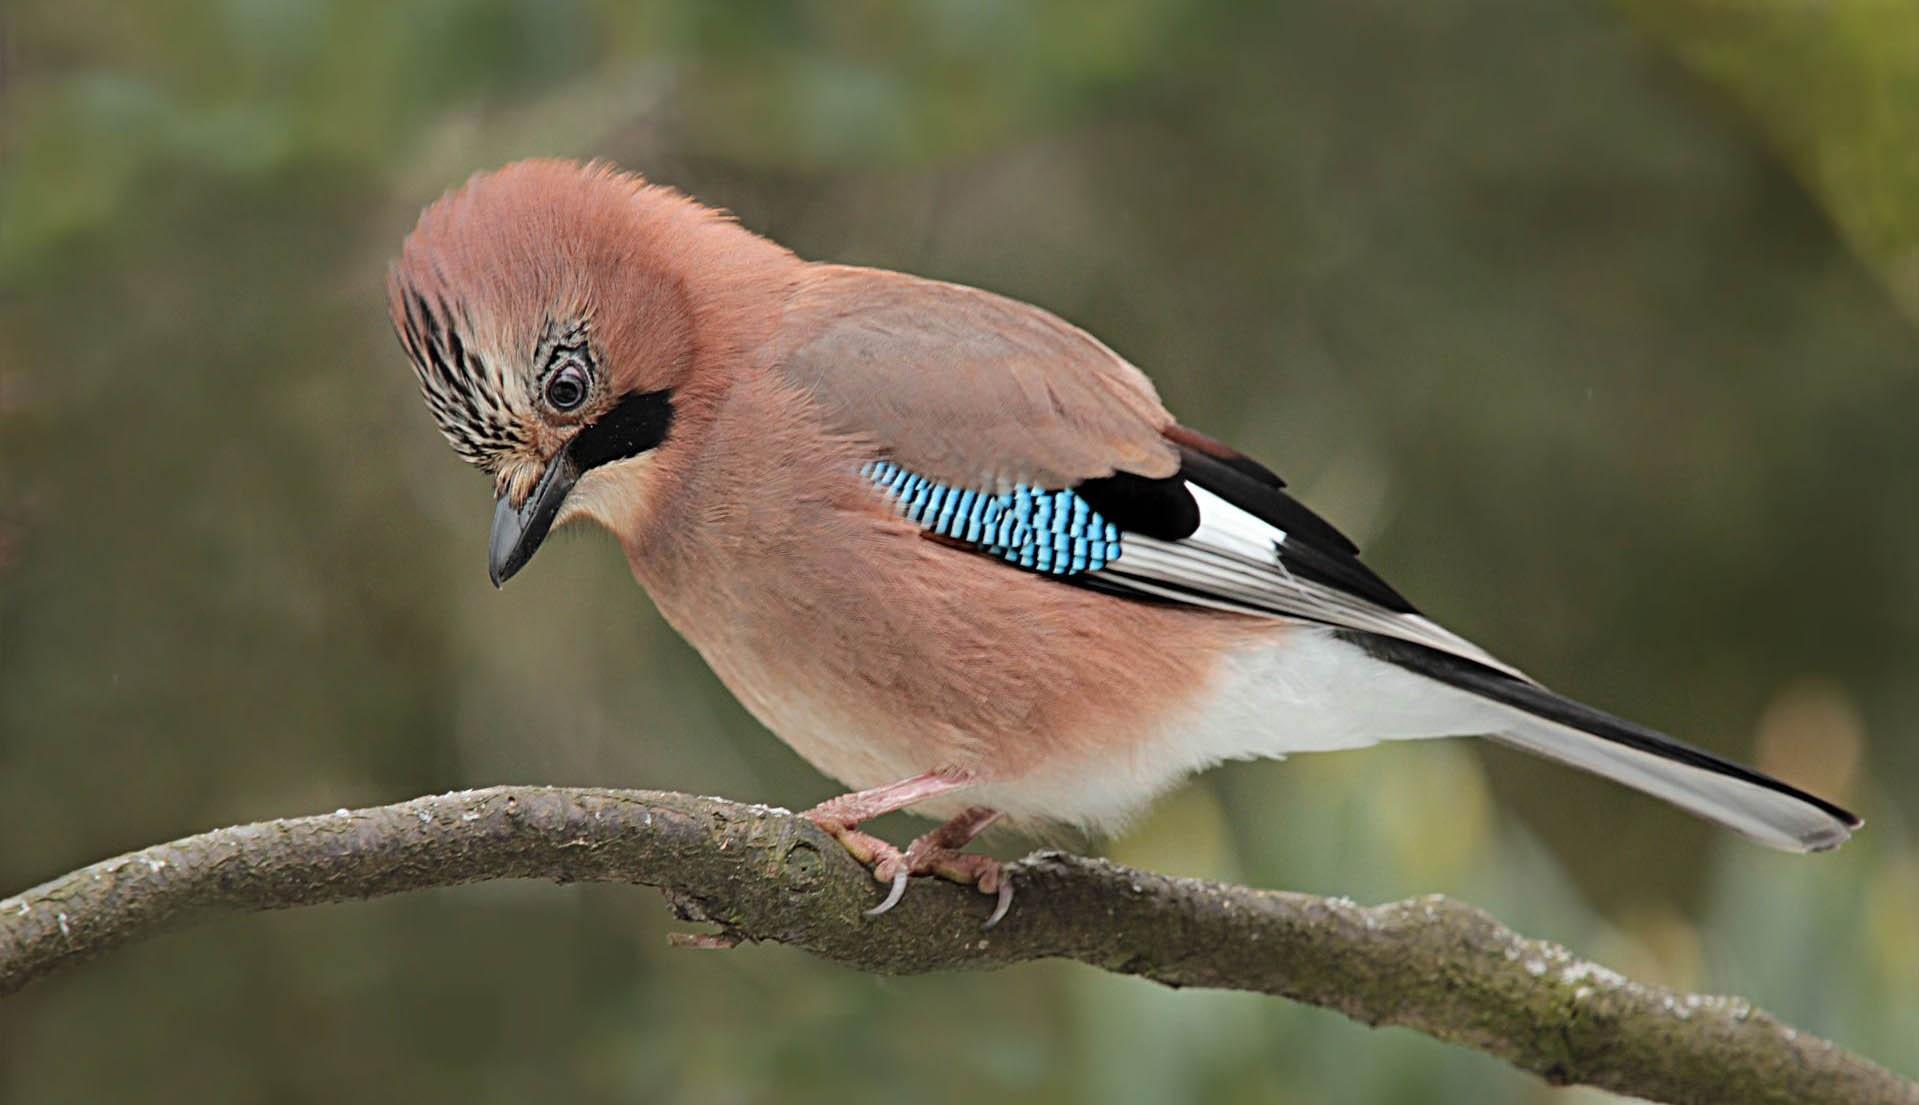 Vészjelző madárhangok